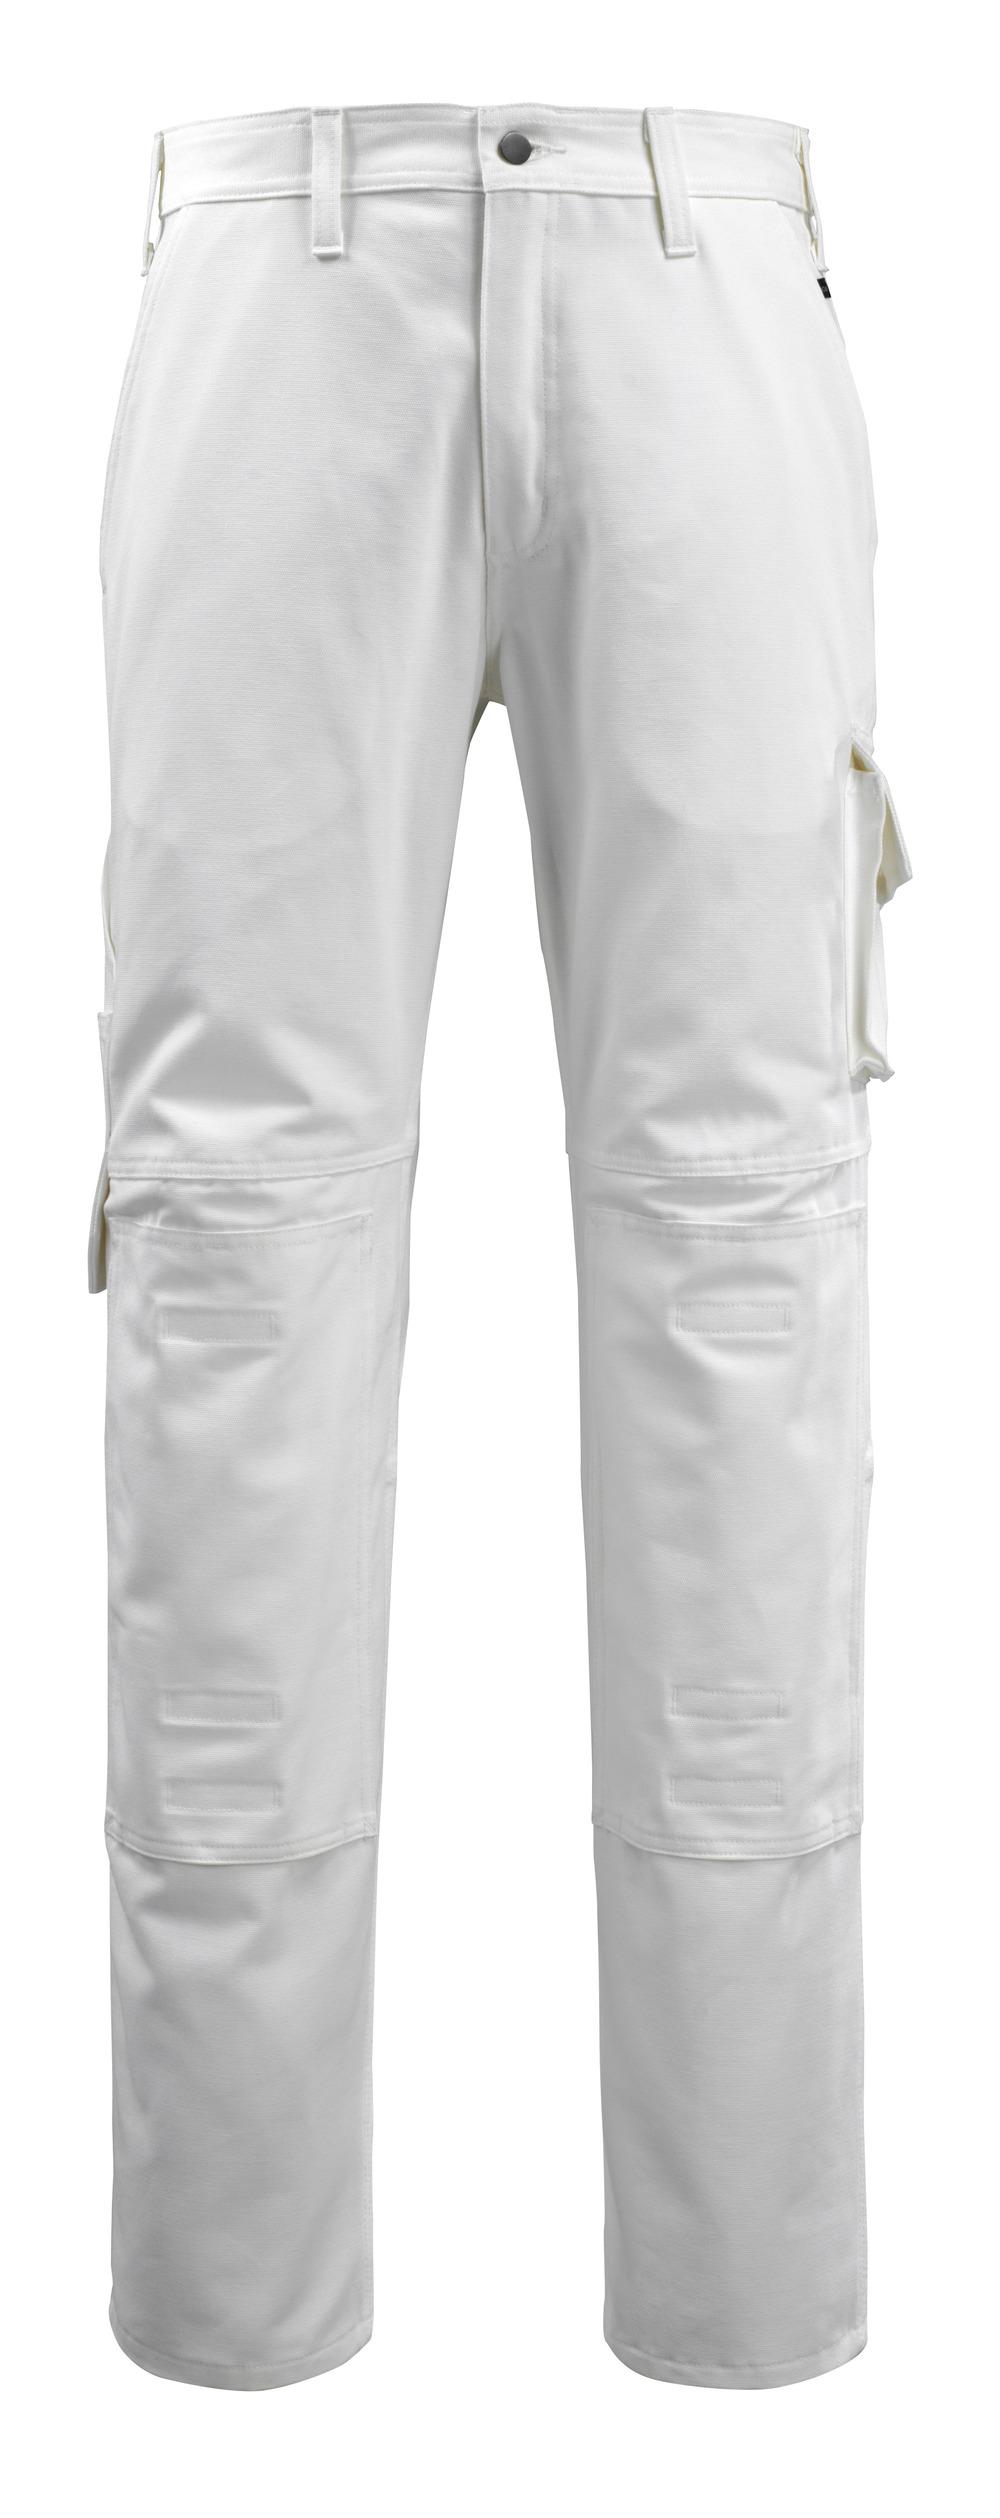 14579-197-06 Pantaloni con tasche porta-ginocchiere - bianco